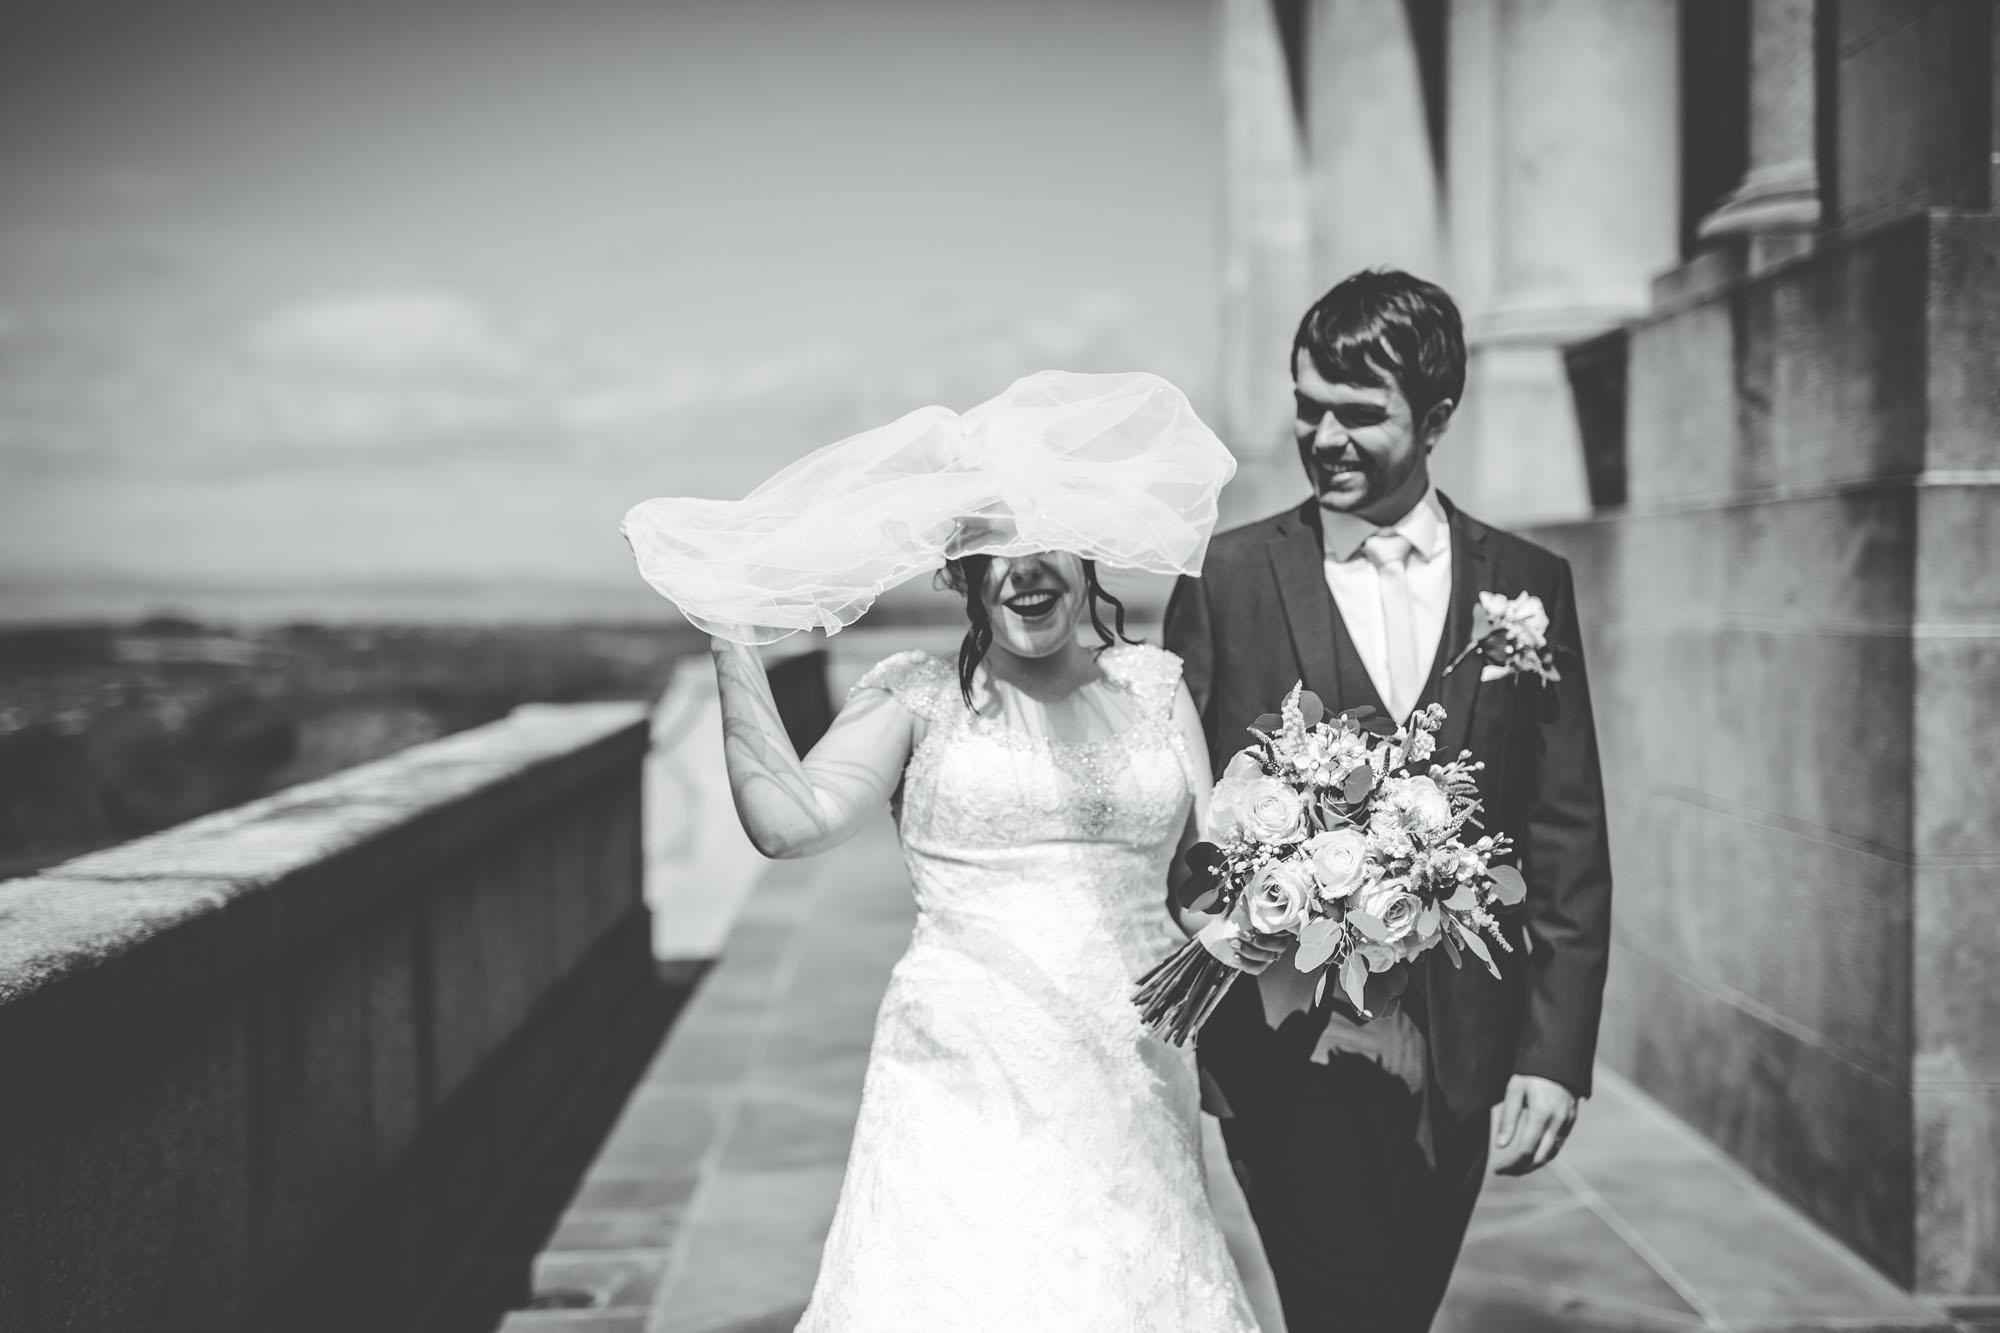 natural wedding photography - Ashton Memorial wedding